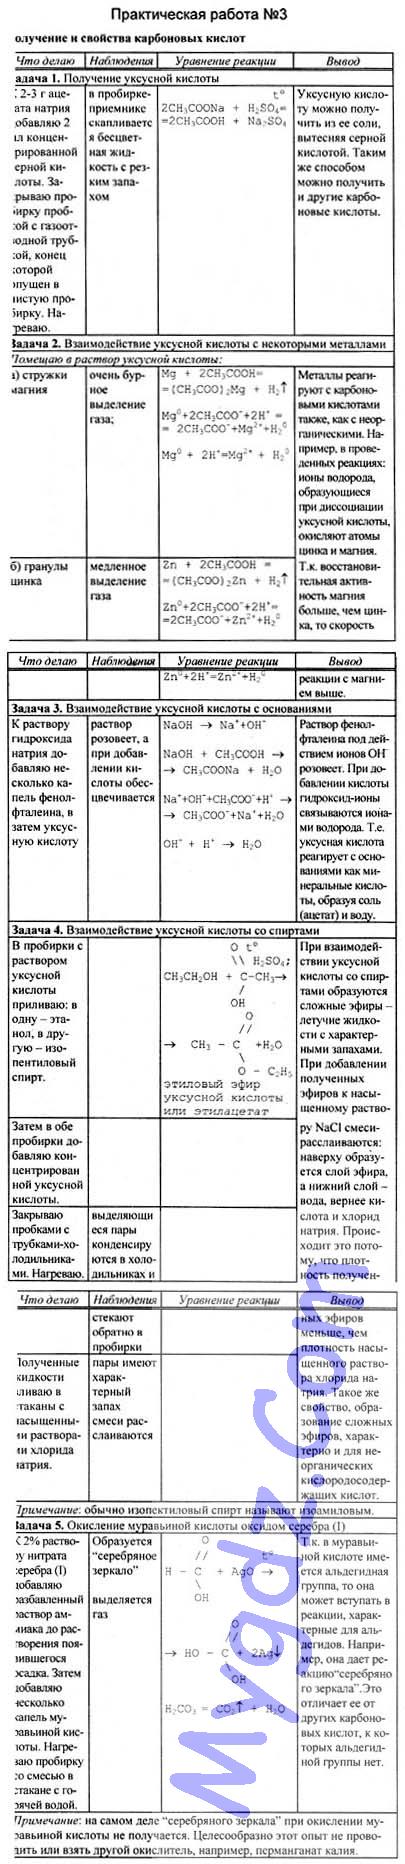 Гдз по математике дидактический материал 5 класс дорофеев кузнецова смотреть ответы